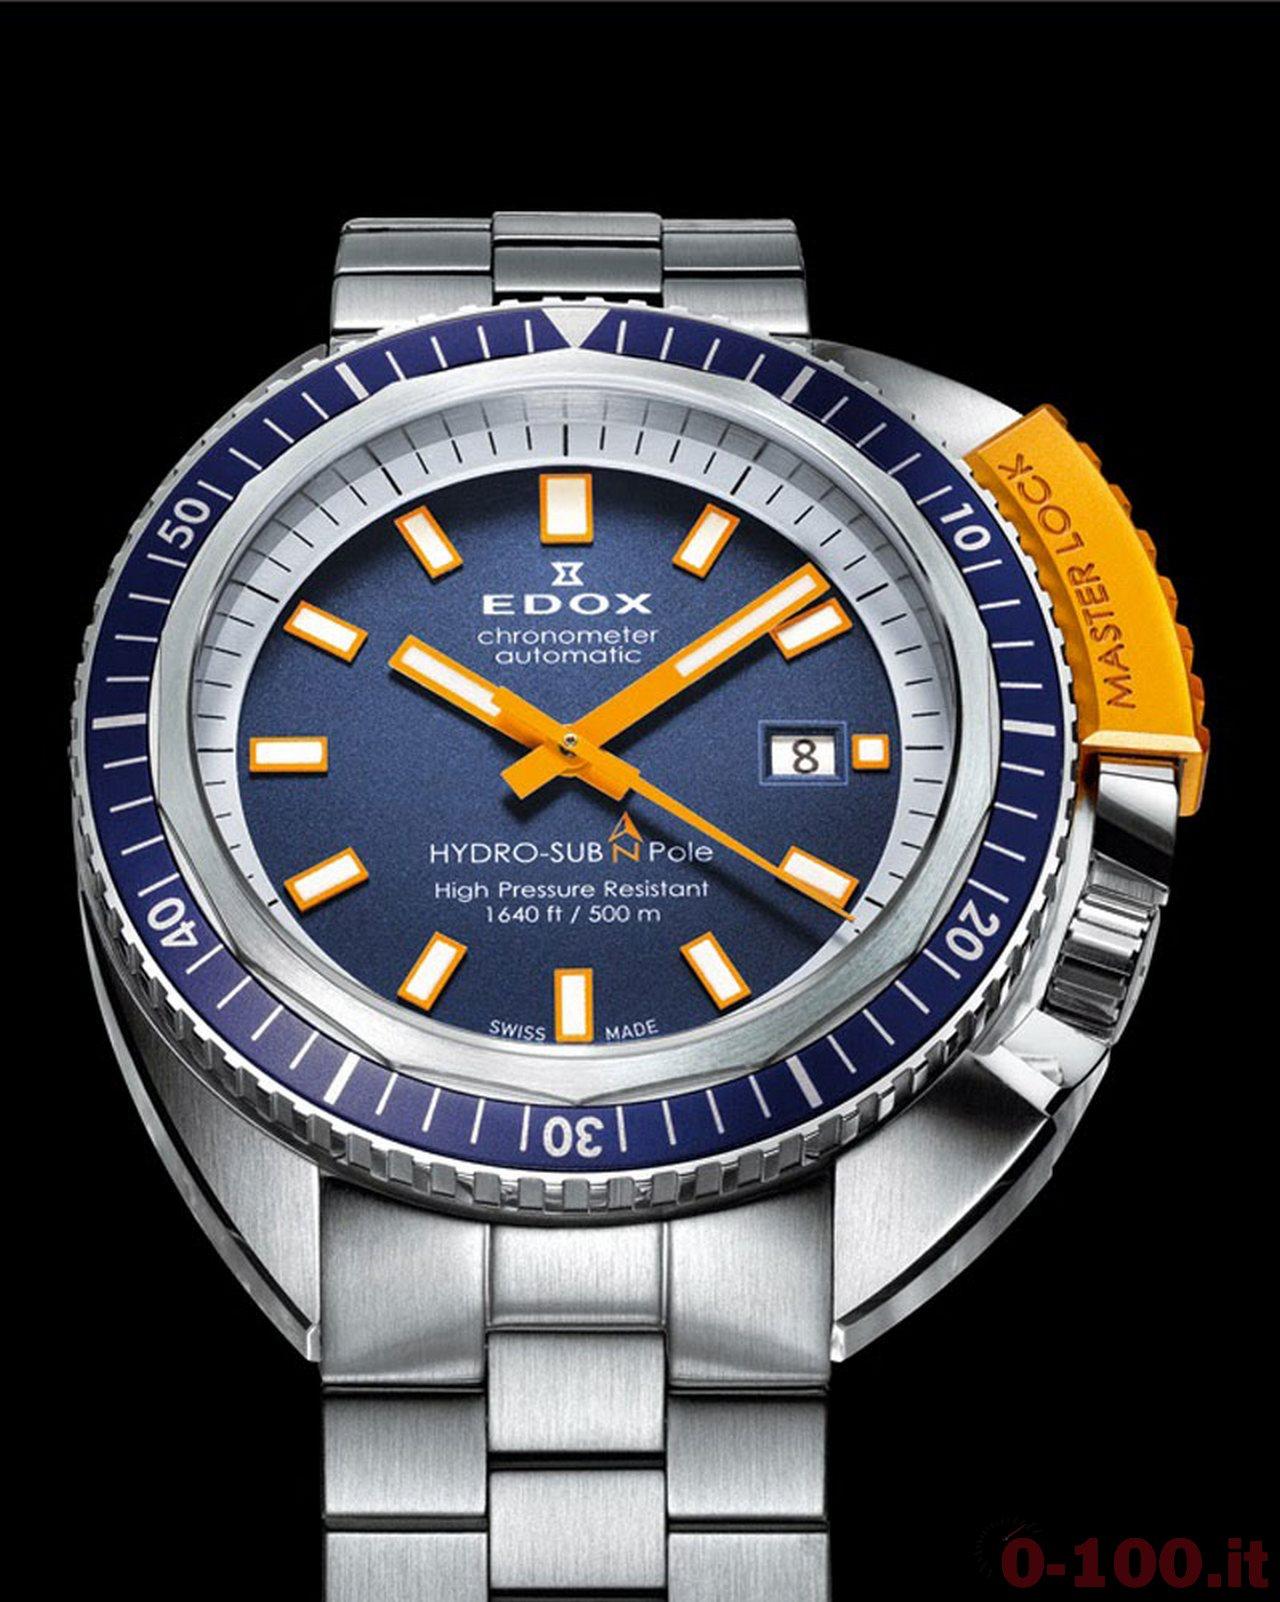 edox-hydro-sub-automatic-date-prezzo-price_0-100_4